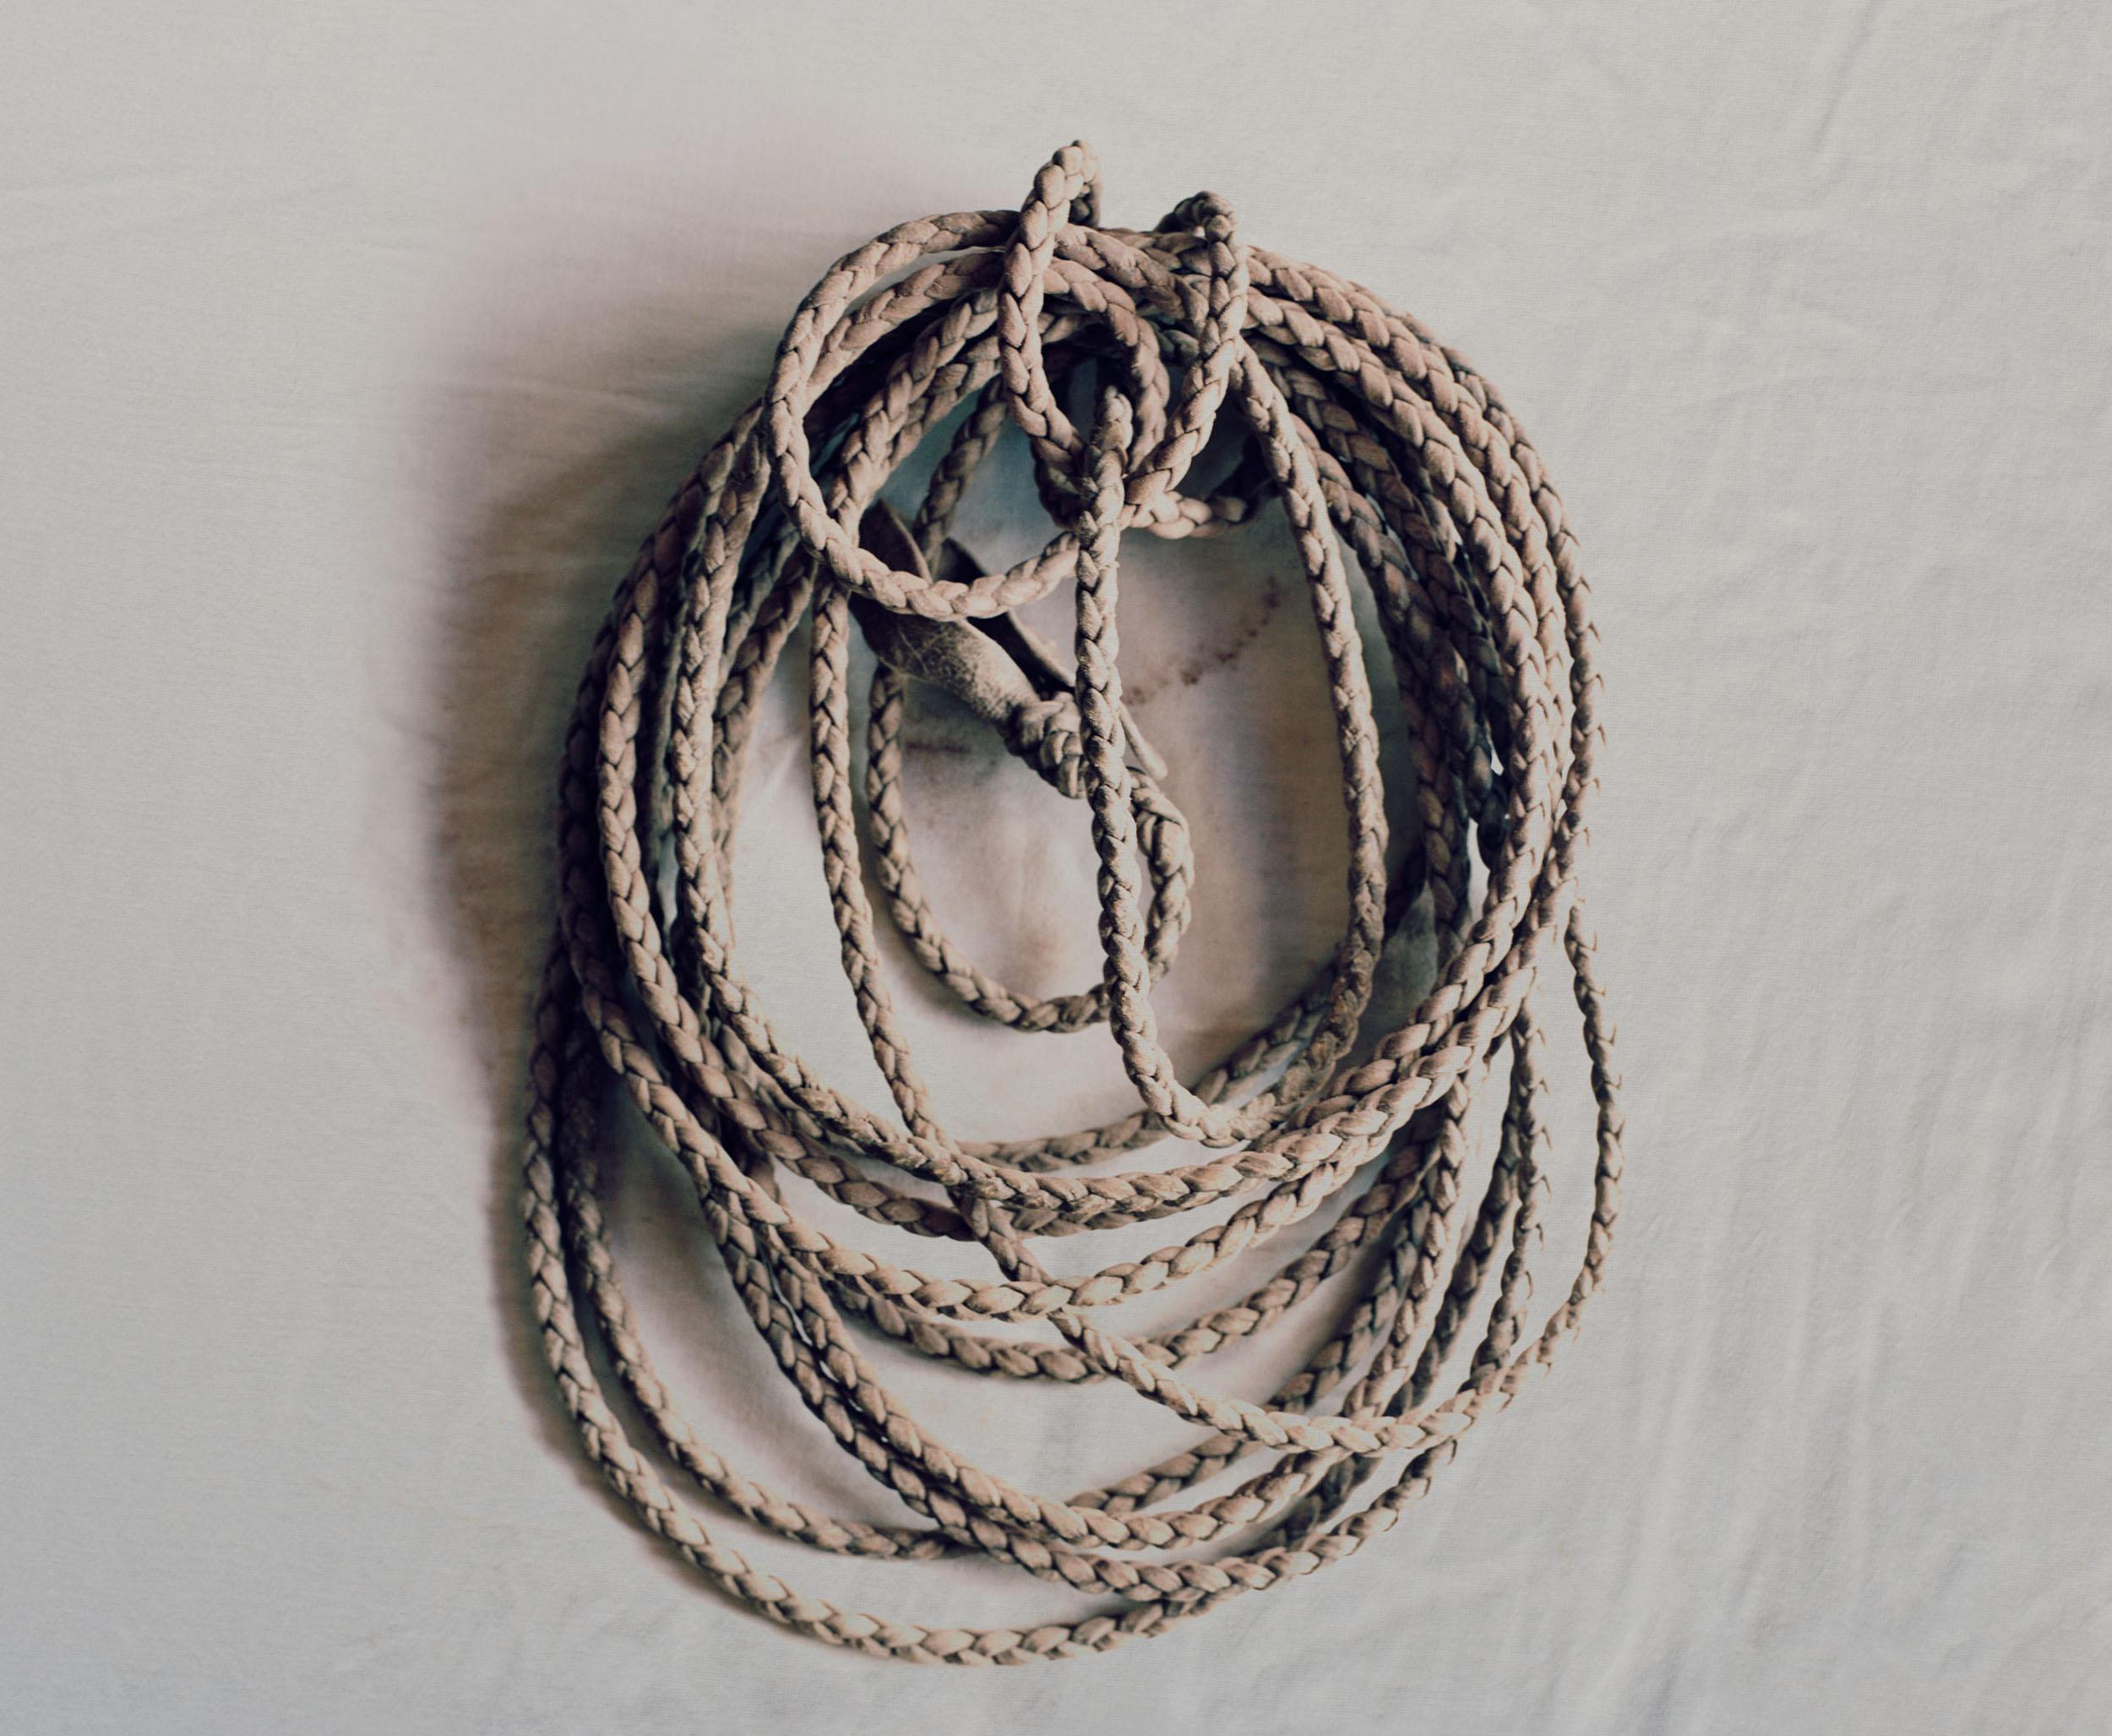 Rawhide Rope